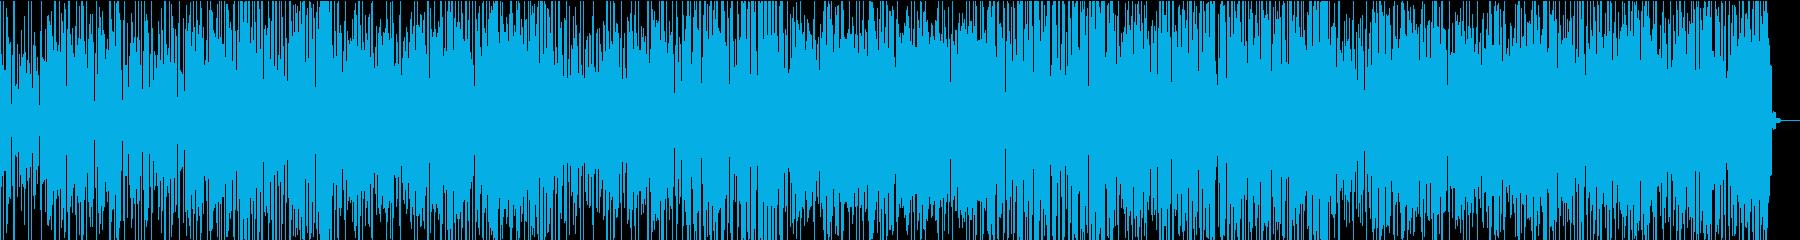 ピアノと加工したボーカルによる明るい楽曲の再生済みの波形